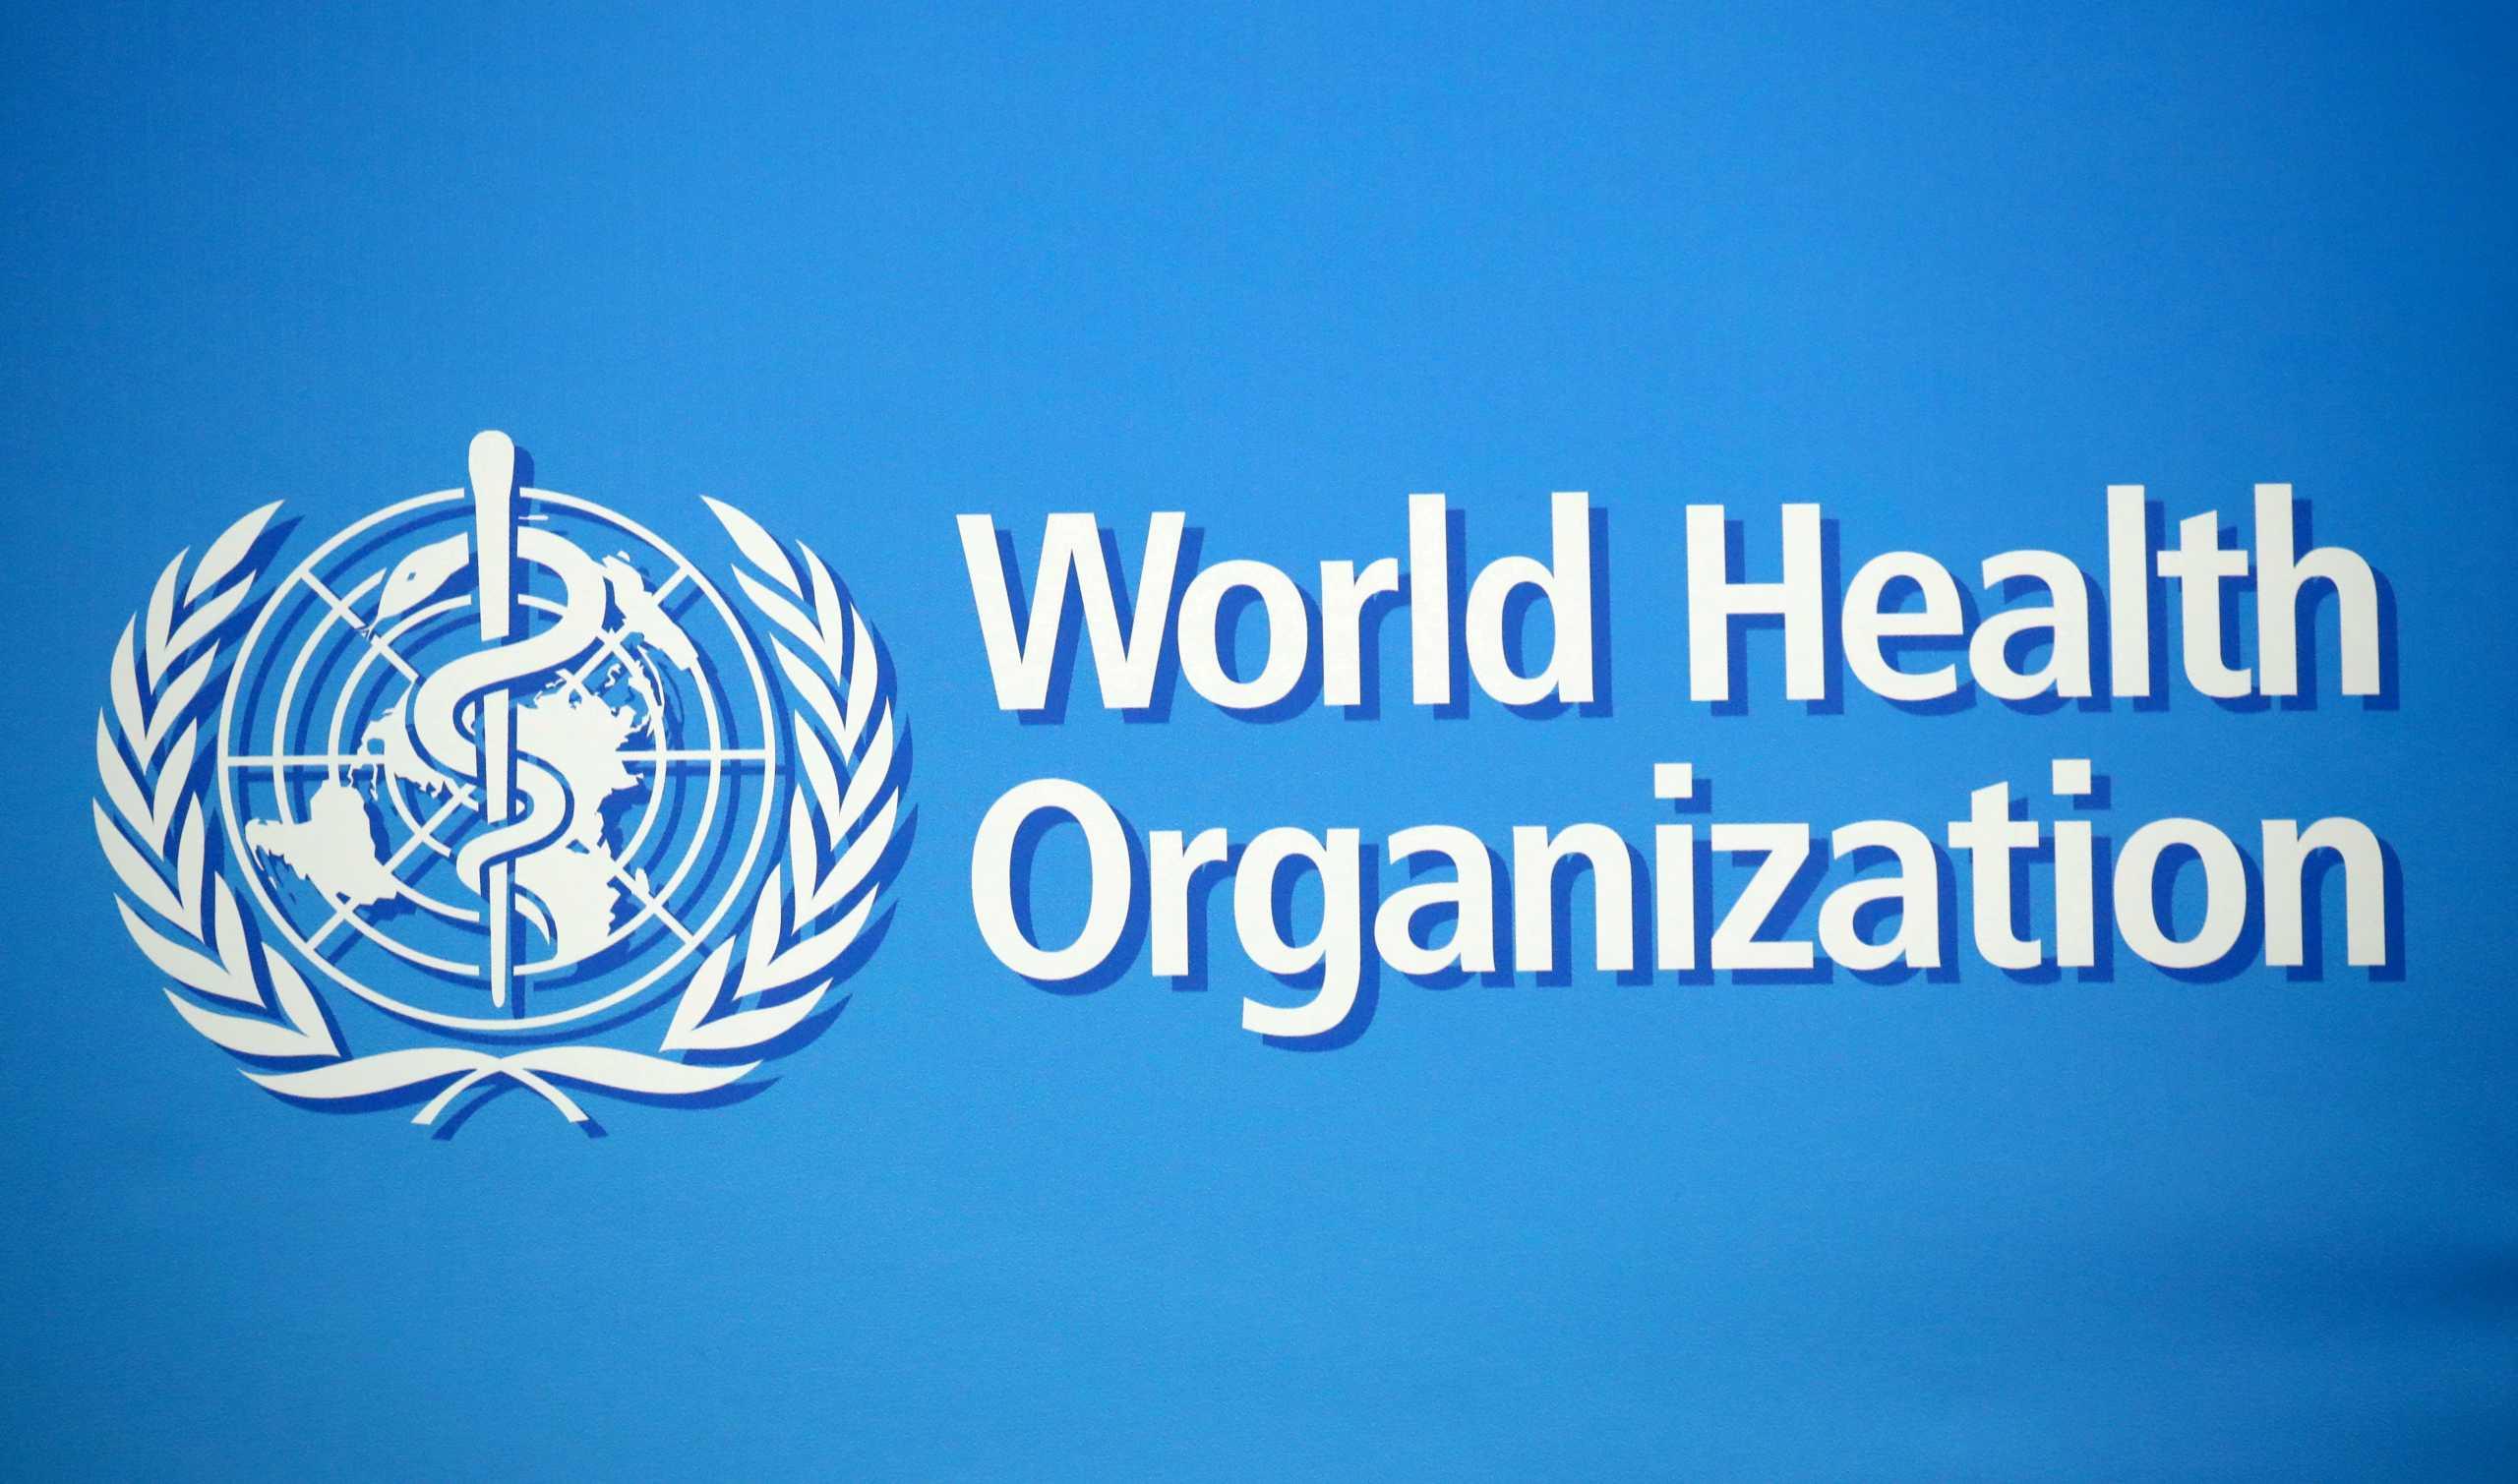 ΠΟΥ: Προτρέπει τις χώρες να μην αγοράζουν ενισχυτικές δόσεις εμβολίου